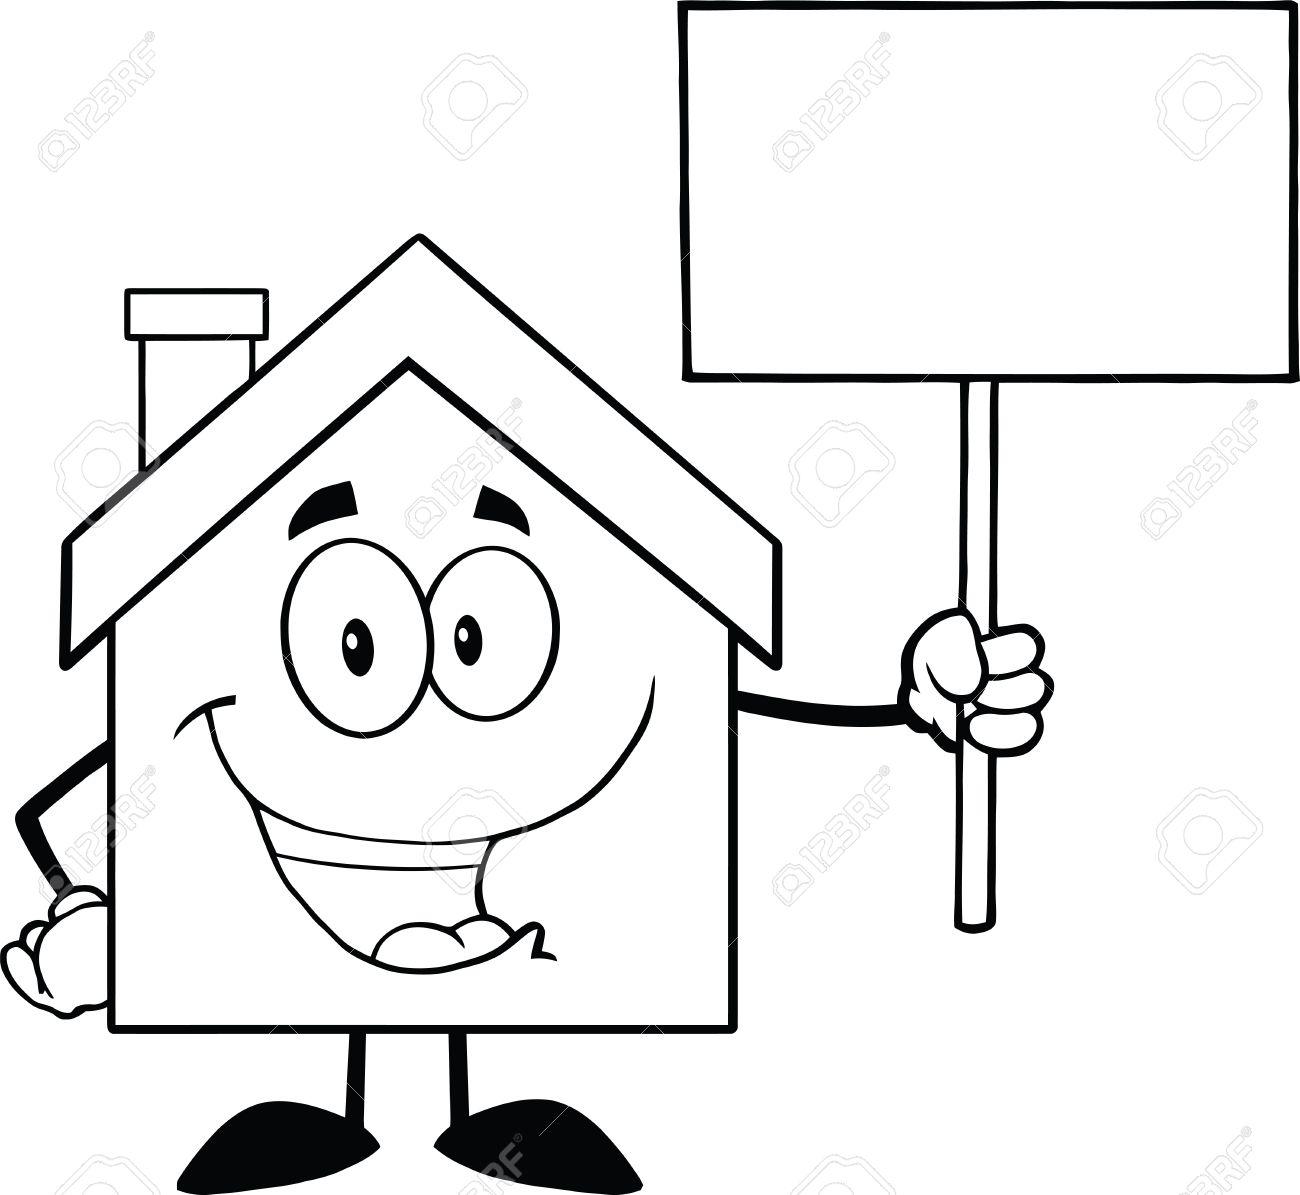 Haus clipart schwarz weiß  Schwarzweiß-Bild Haus Cartoon Charakter Hält Ein Leeres Zeichen ...